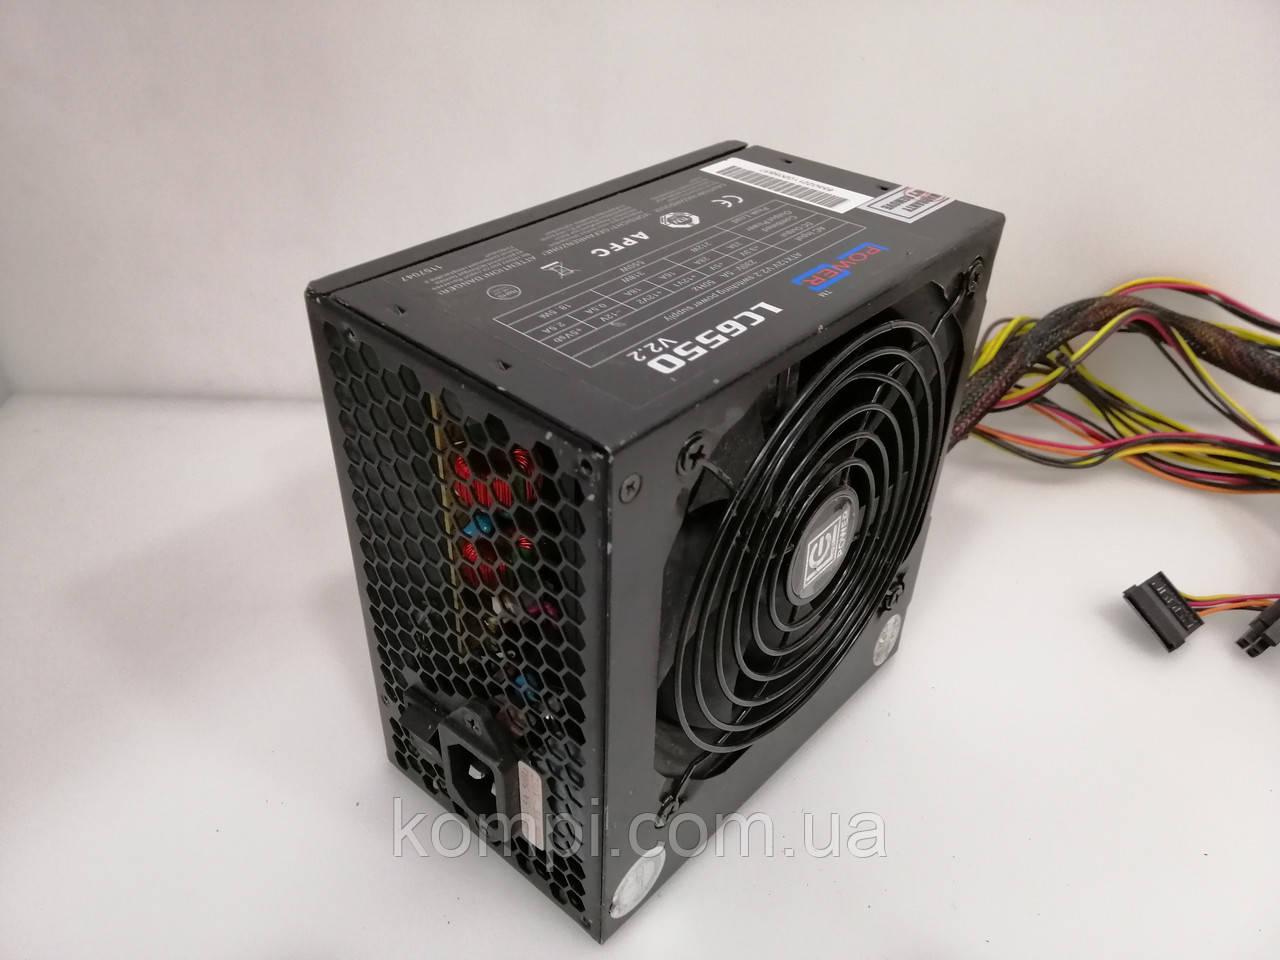 Блок питания 550W LC Power LC6550 v2.2   б/у